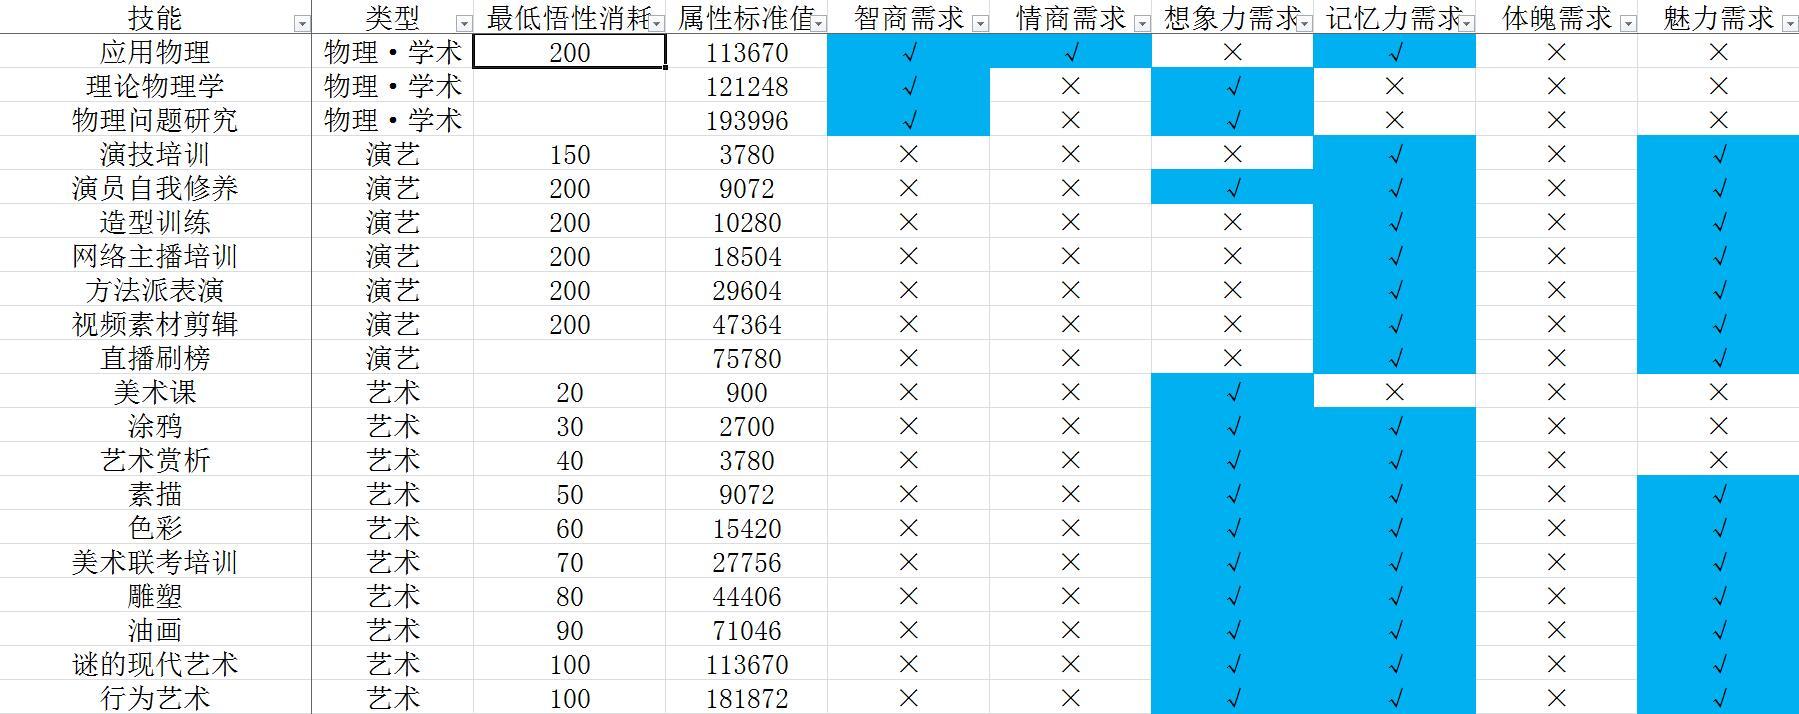 《中国式家长》技能前置及选择攻略